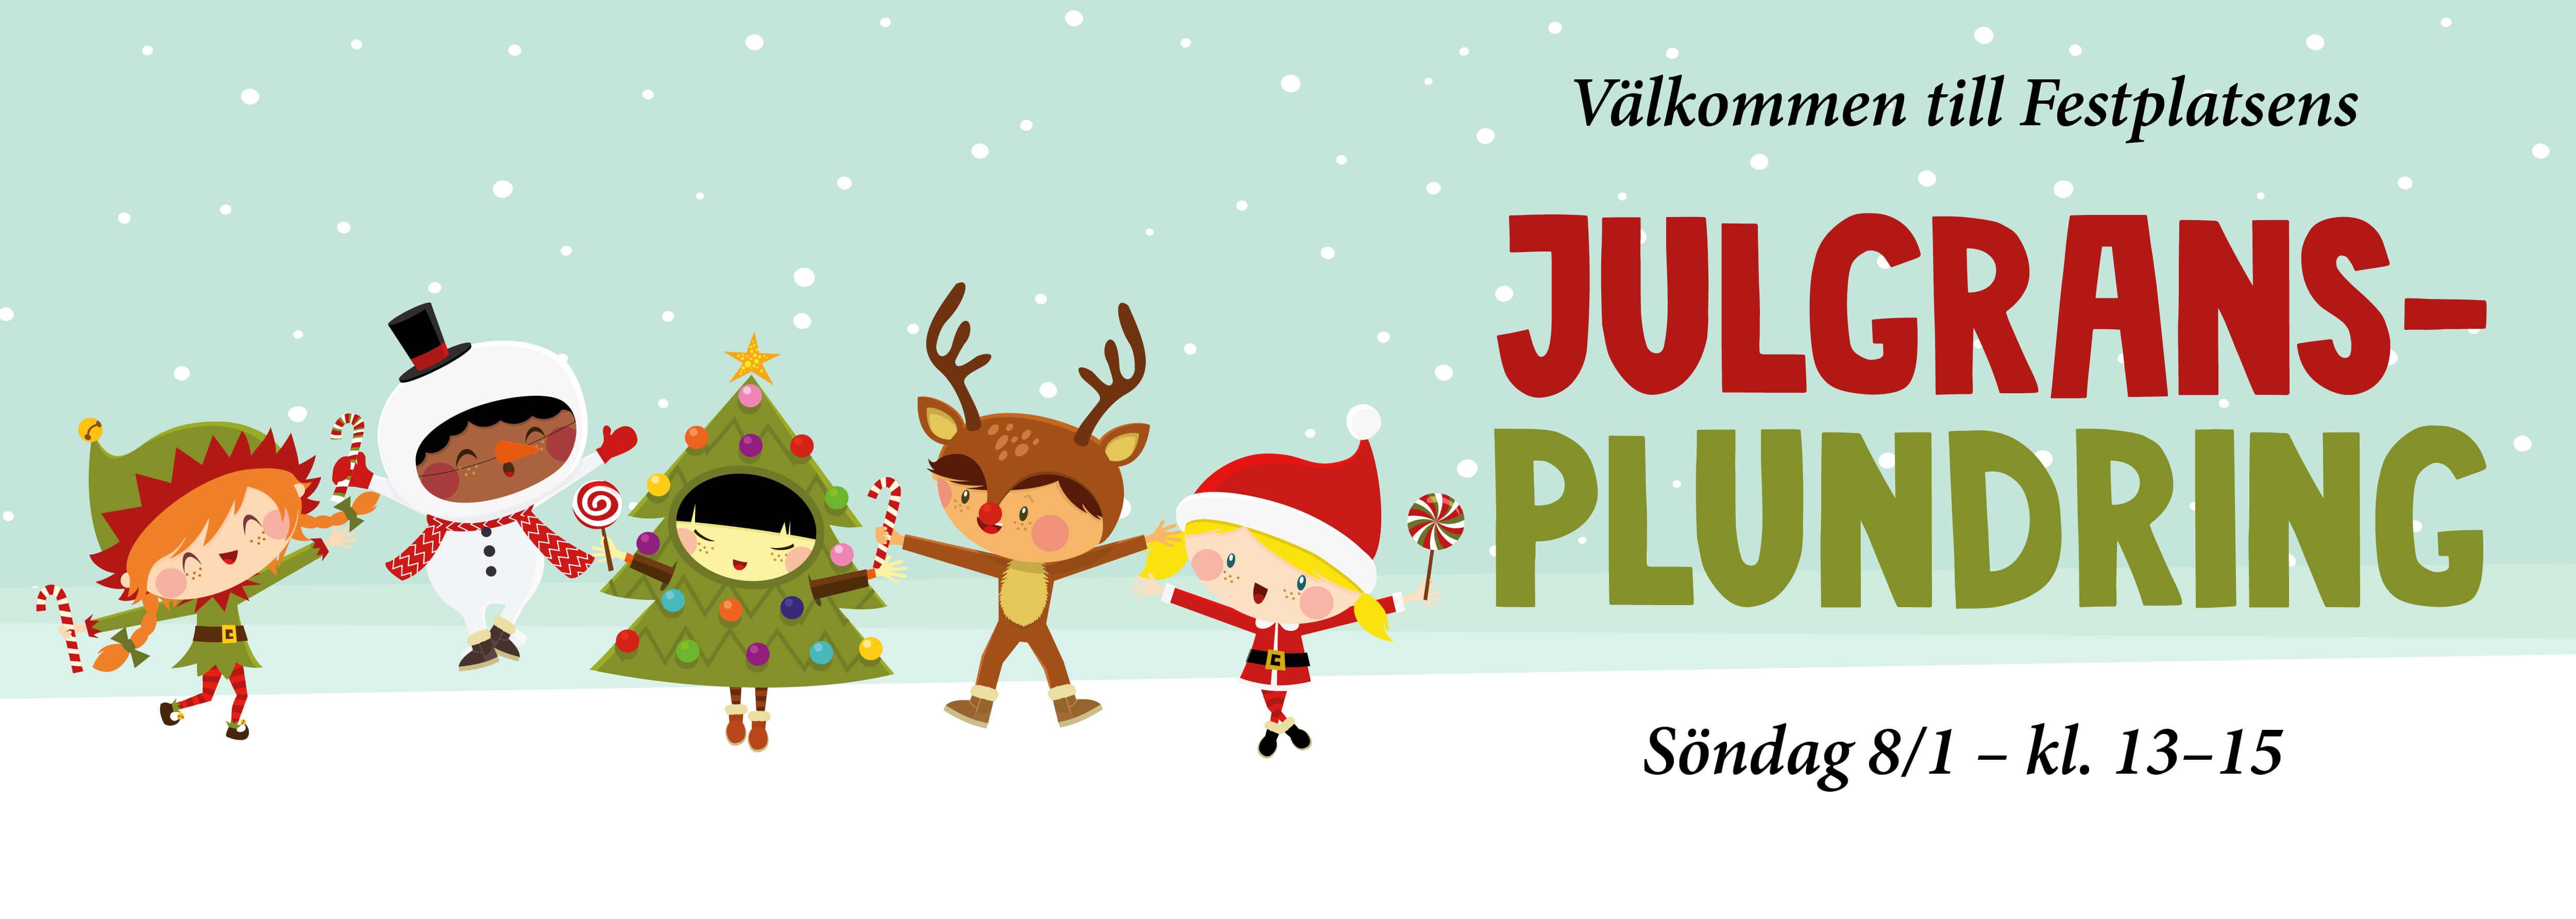 Festplatsen julgransplundring 2017